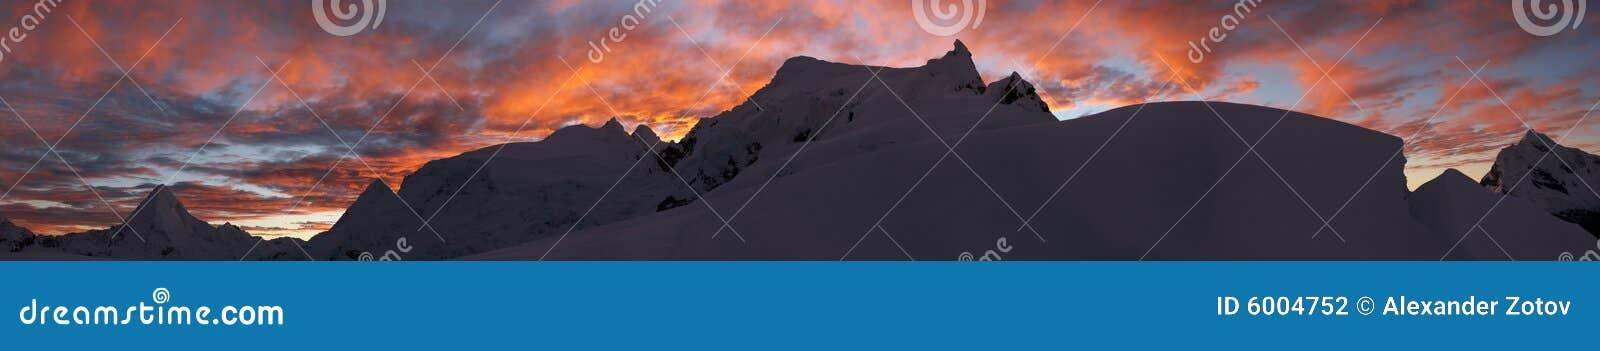 山全景日出